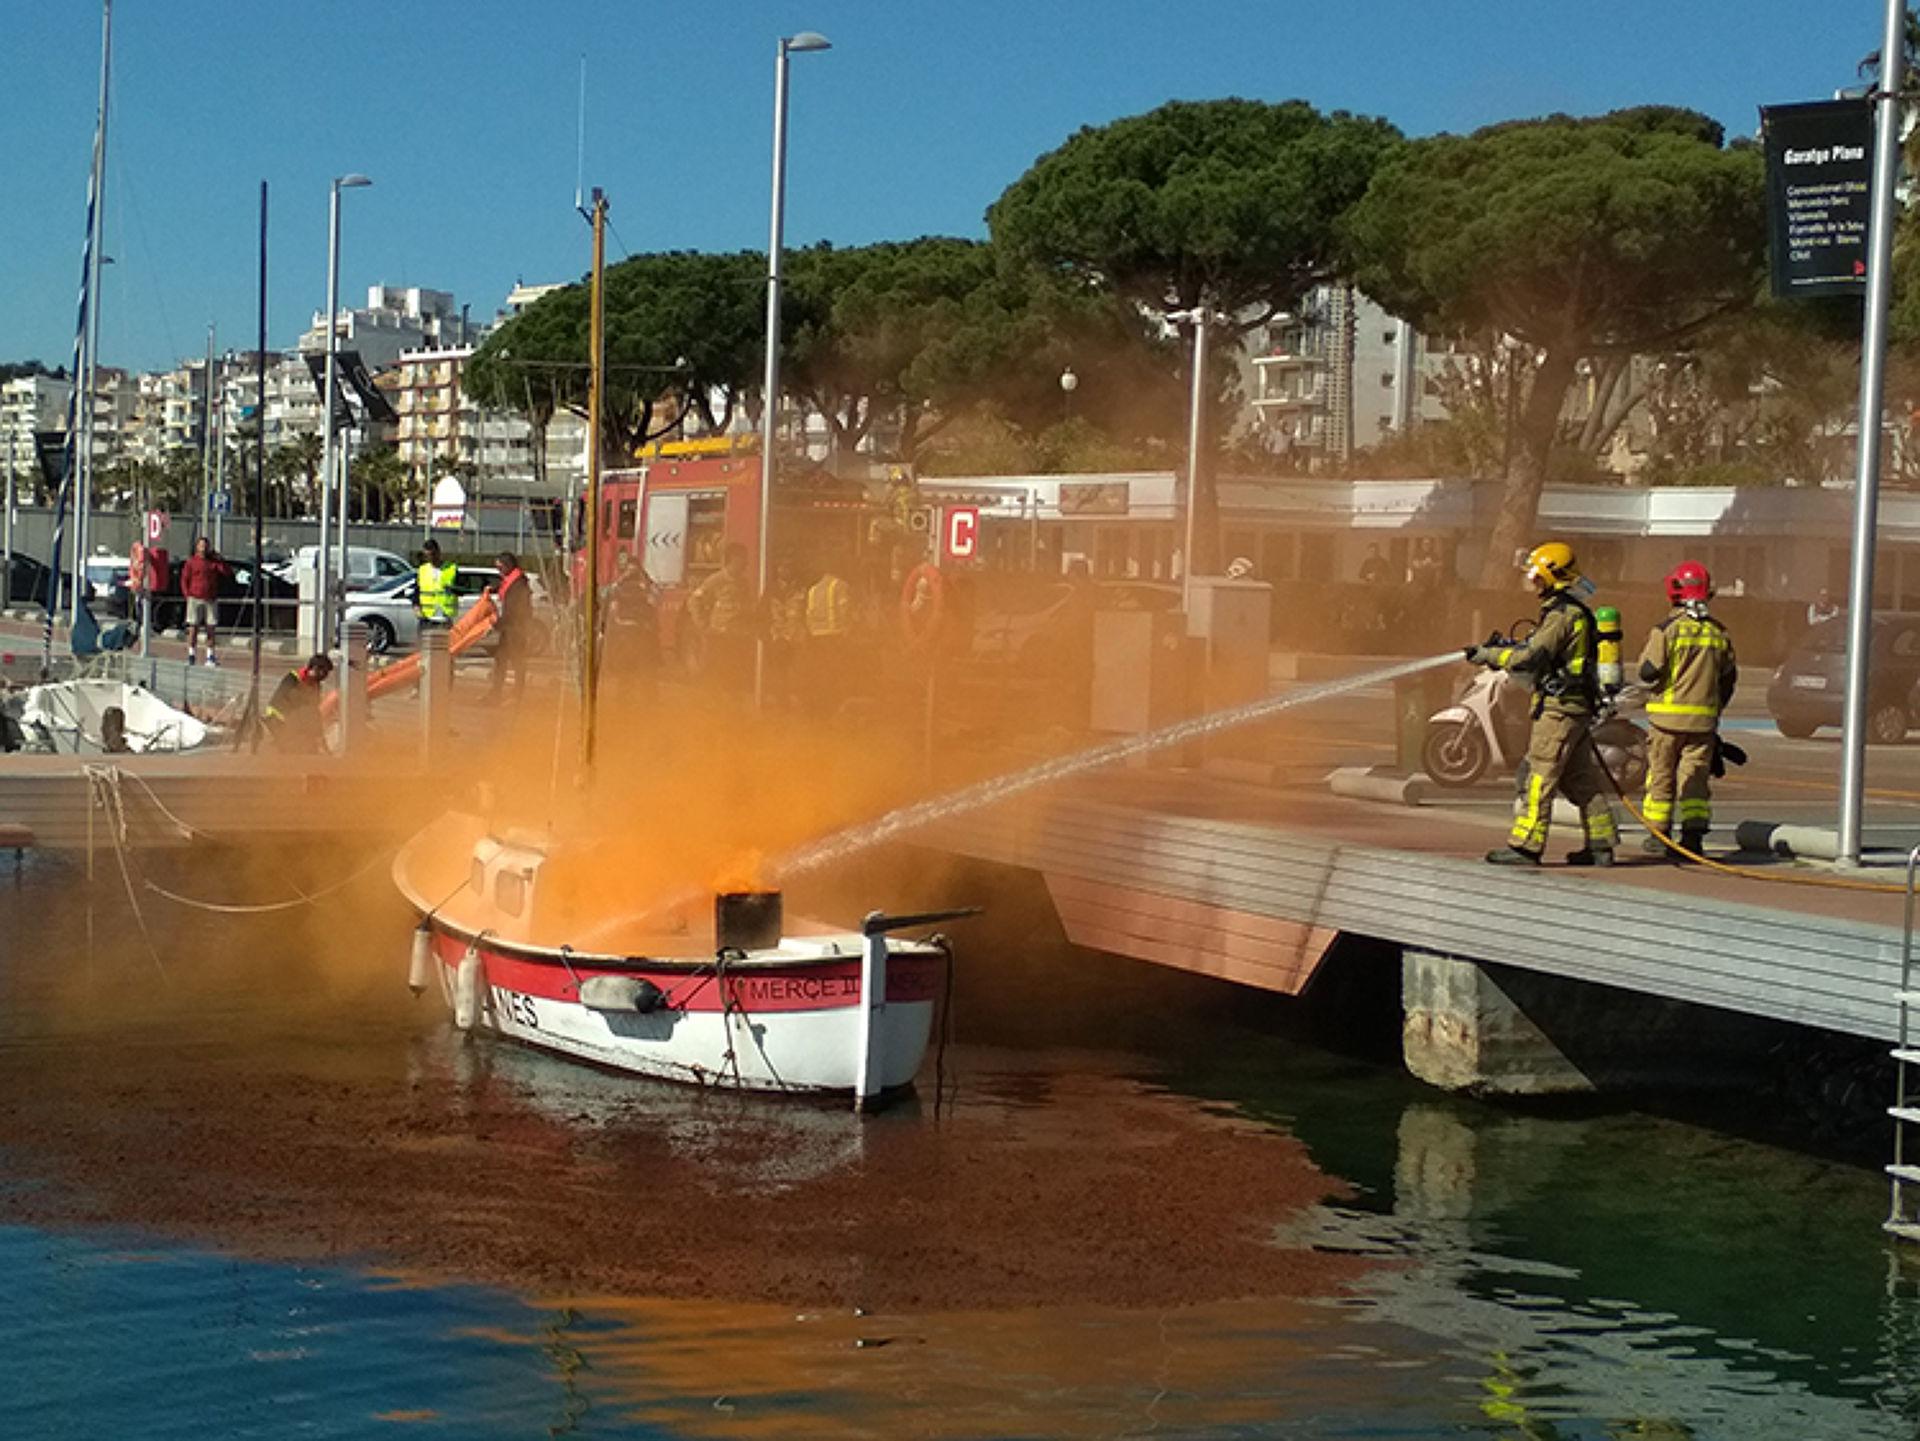 Simulacre d'incendi en una embarcació d'esbarjo al CVB